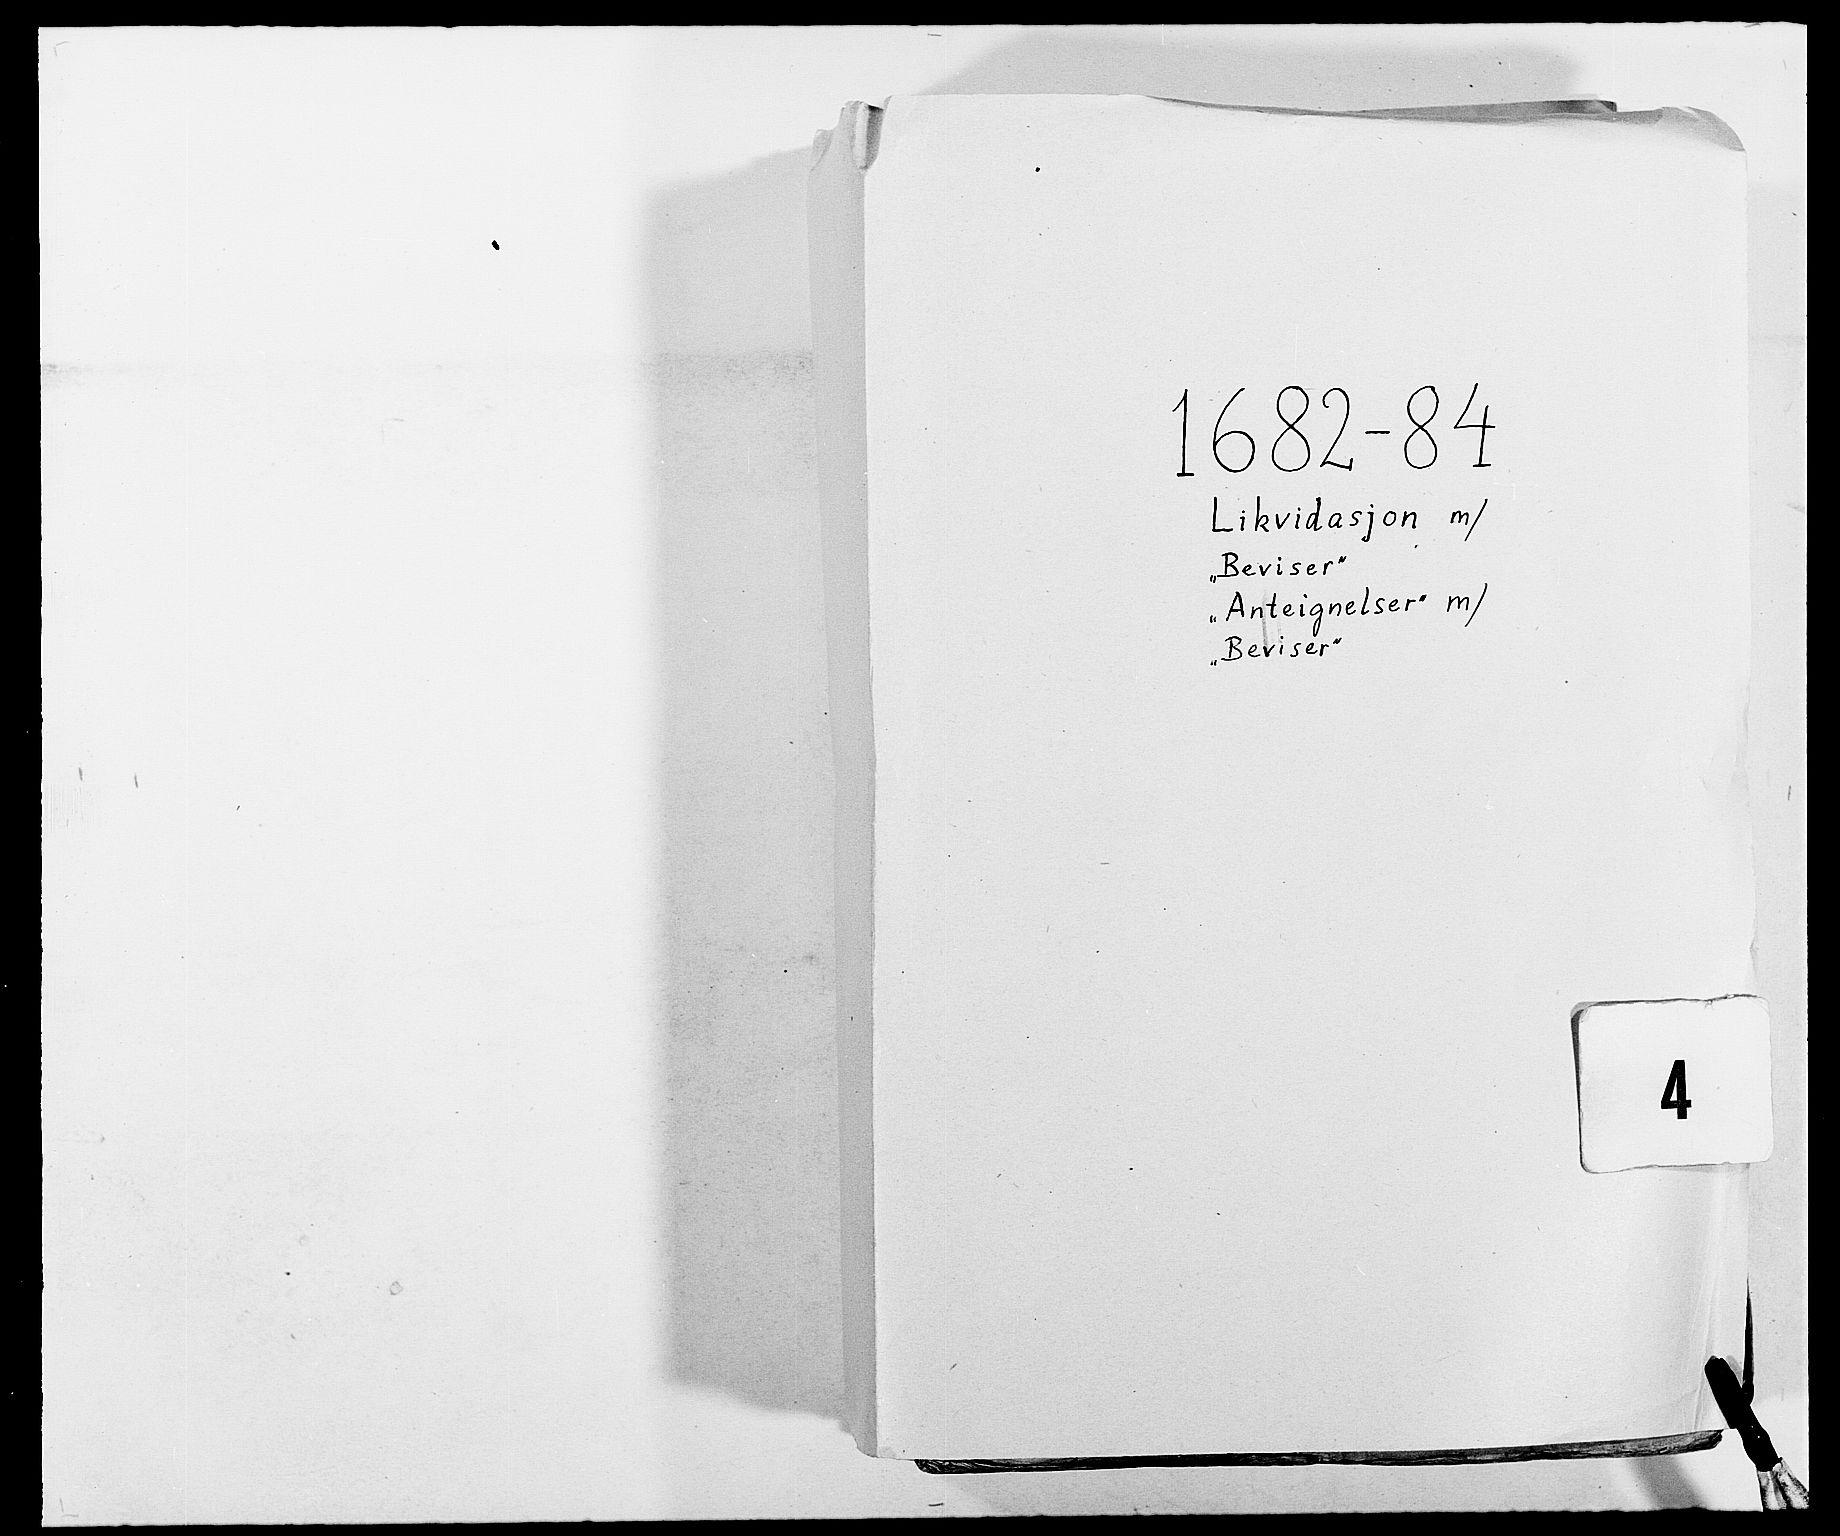 RA, Rentekammeret inntil 1814, Reviderte regnskaper, Fogderegnskap, R02/L0104: Fogderegnskap Moss og Verne kloster, 1682-1684, p. 1